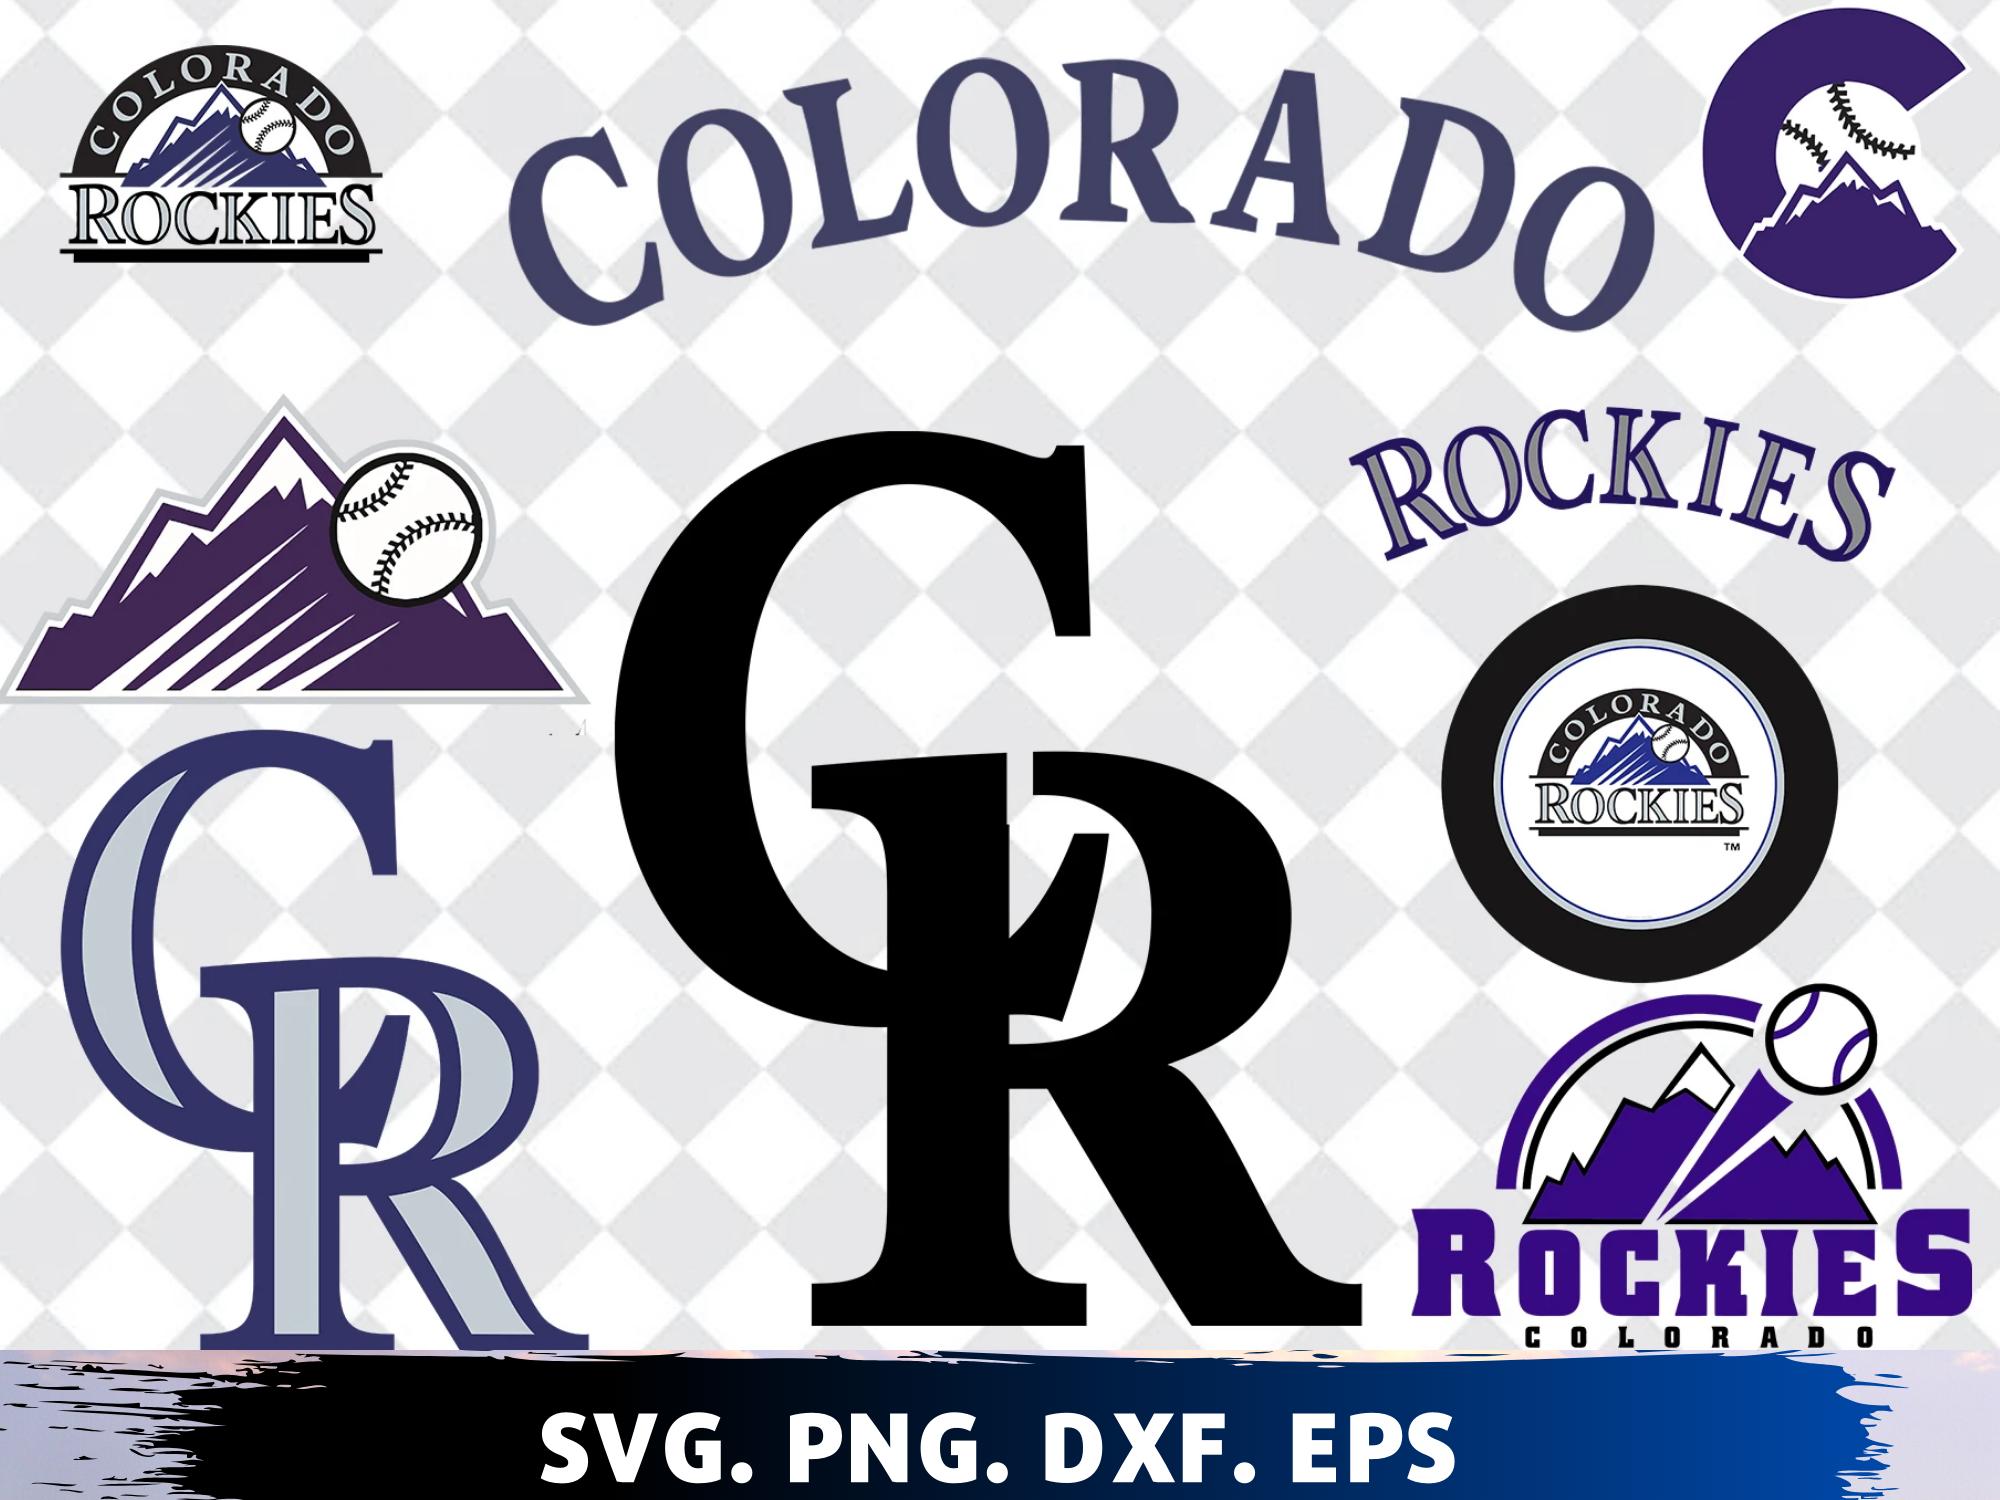 Clipartshop Colorado Rockies Colorado Rockies Svg Colorado Rockies Clipart Colorado Rockies Logo Colorado Rockies Cricut Colorado Rockies Svg Clip Art